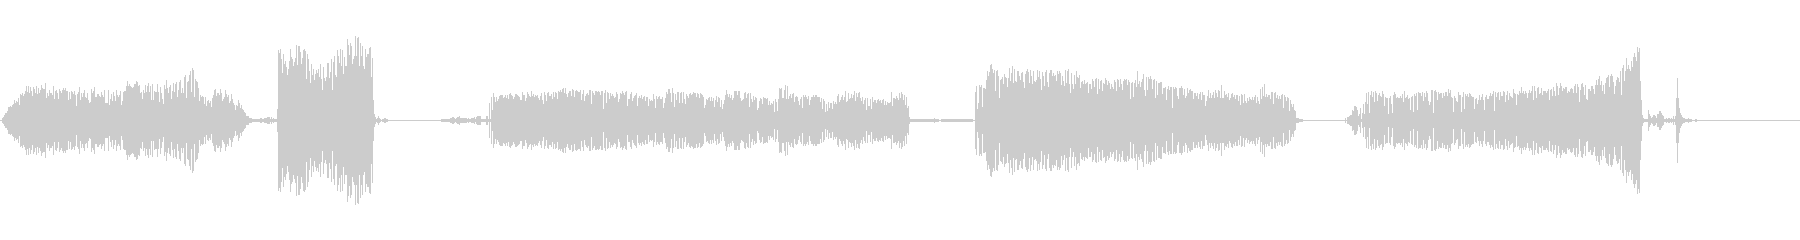 犬のうなり声の未再生の波形